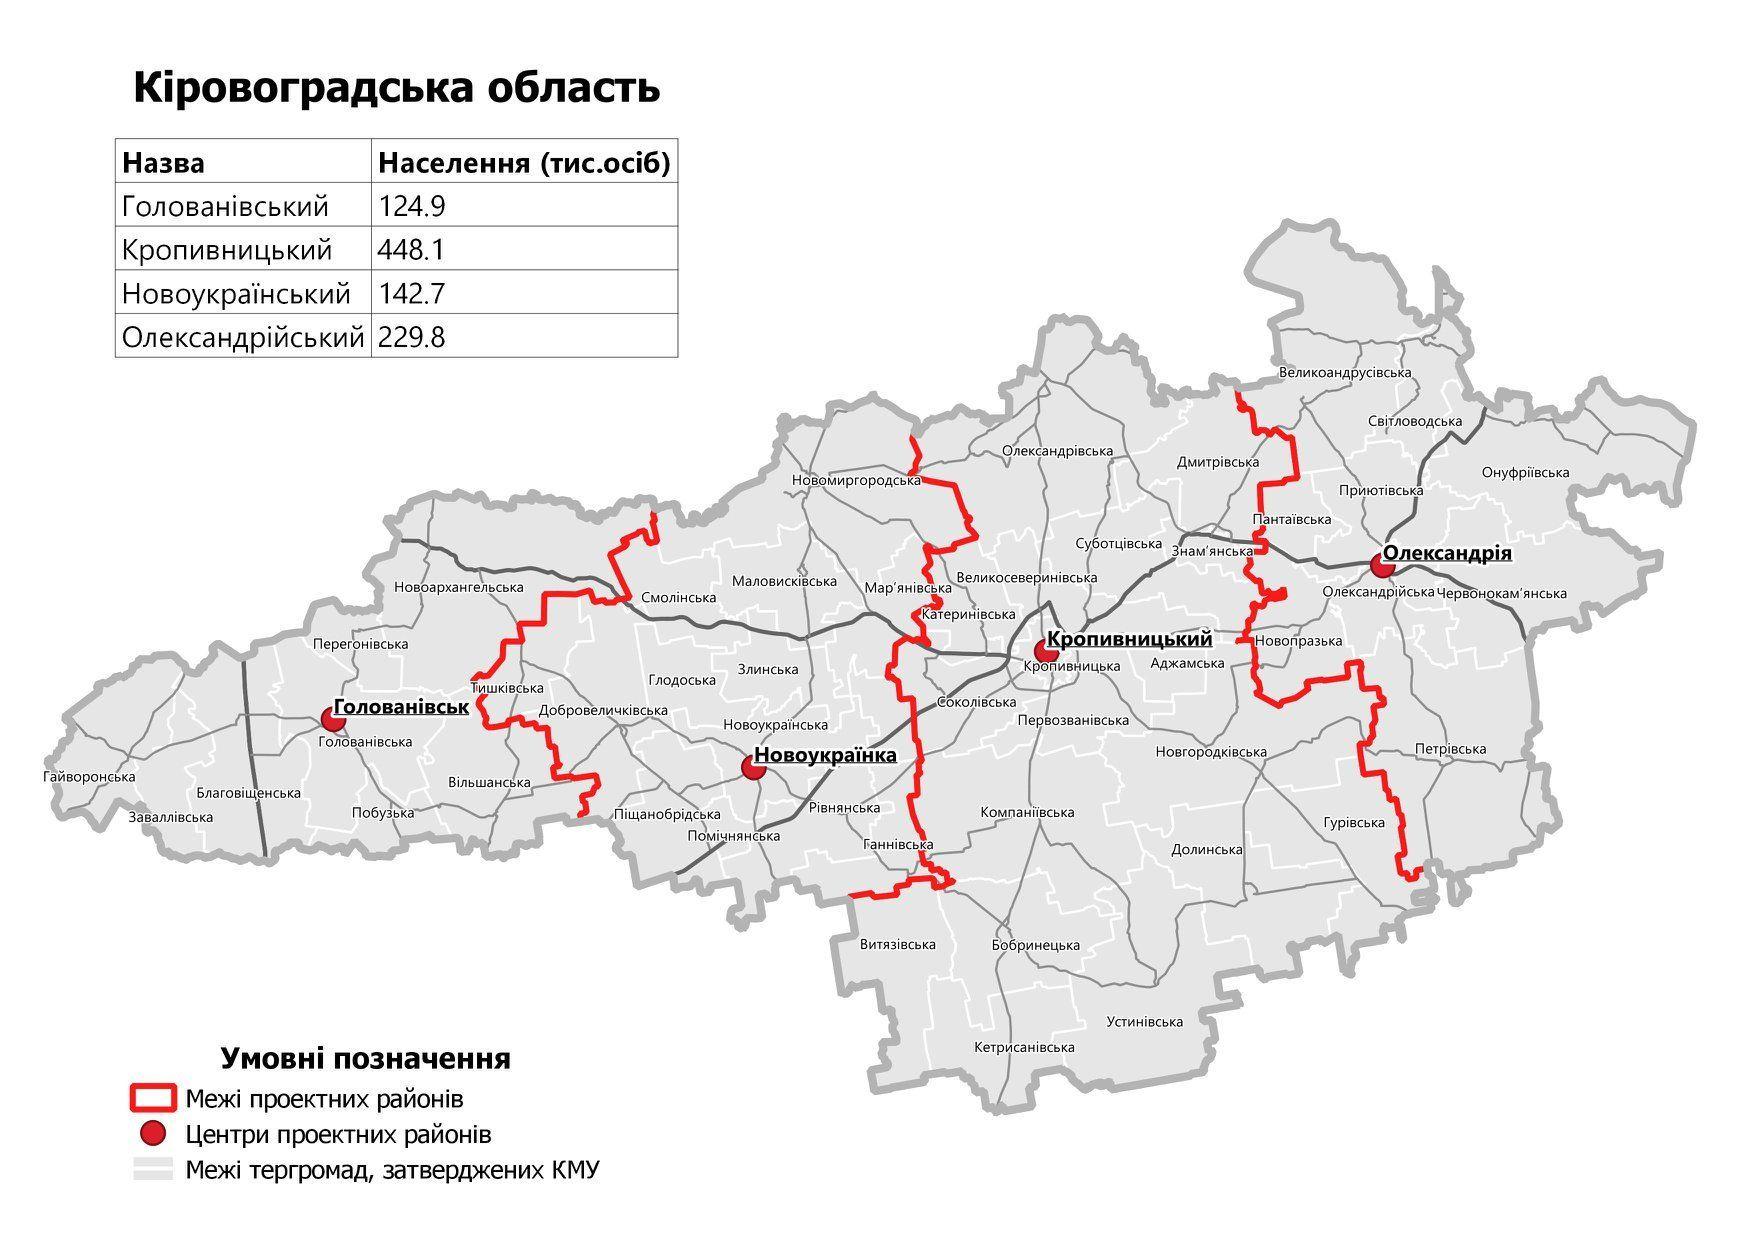 Мапа нових районів_15